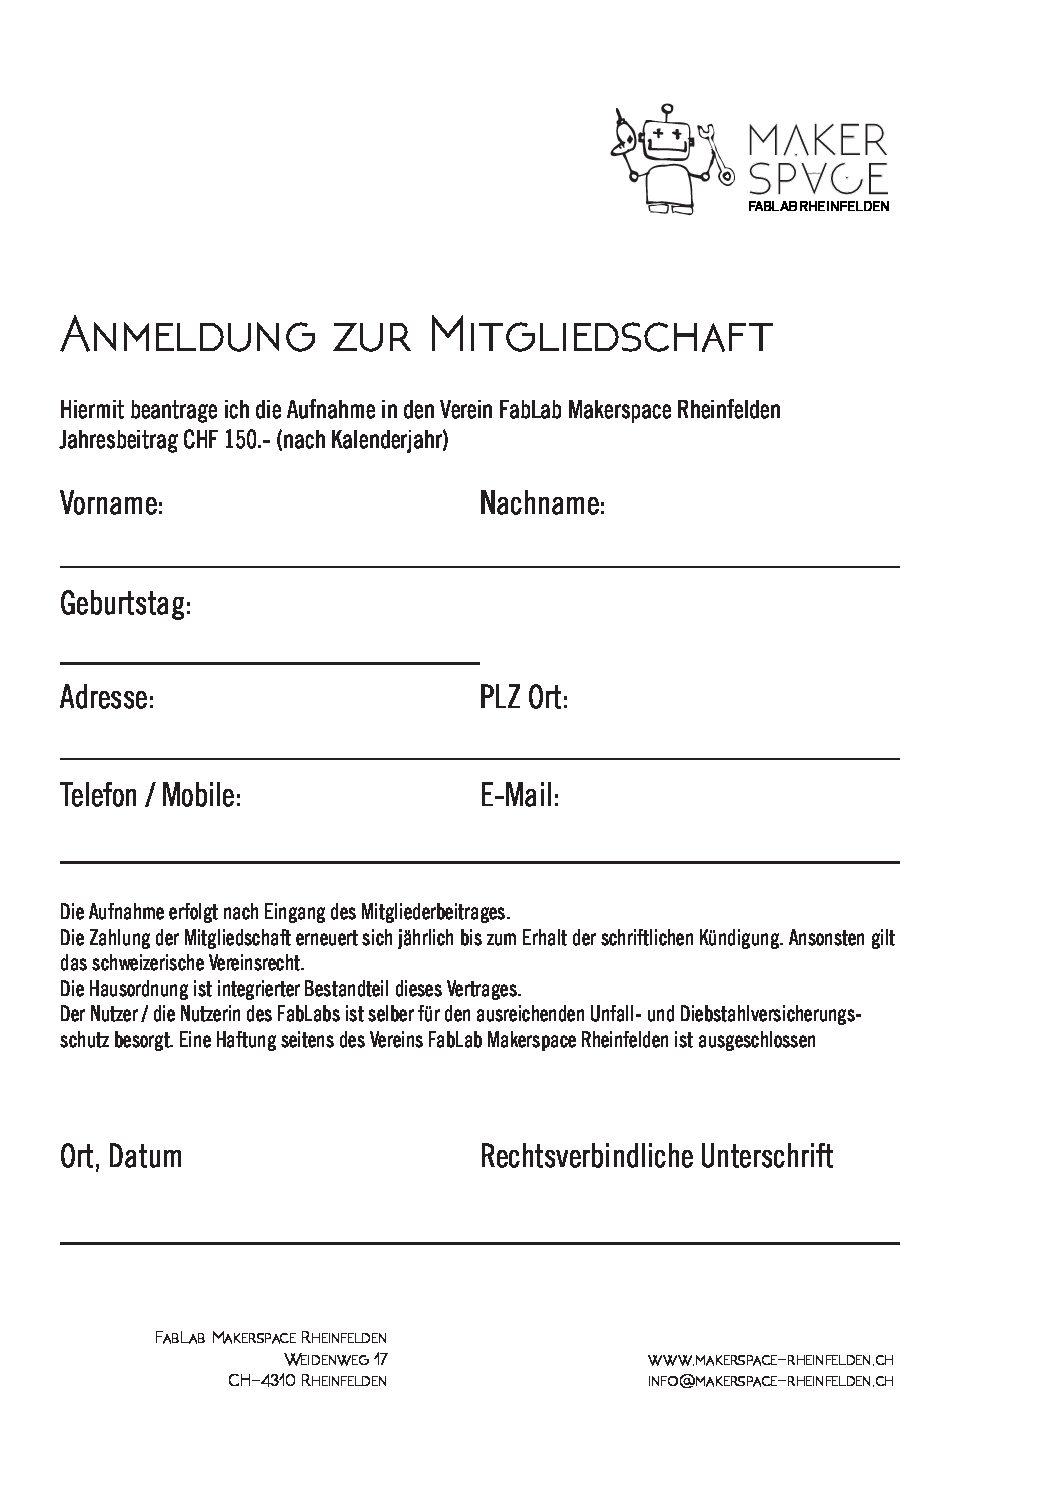 Erfreut Einfacher Vertrag Bilder - FORTSETZUNG ARBEITSBLATT - naroch ...